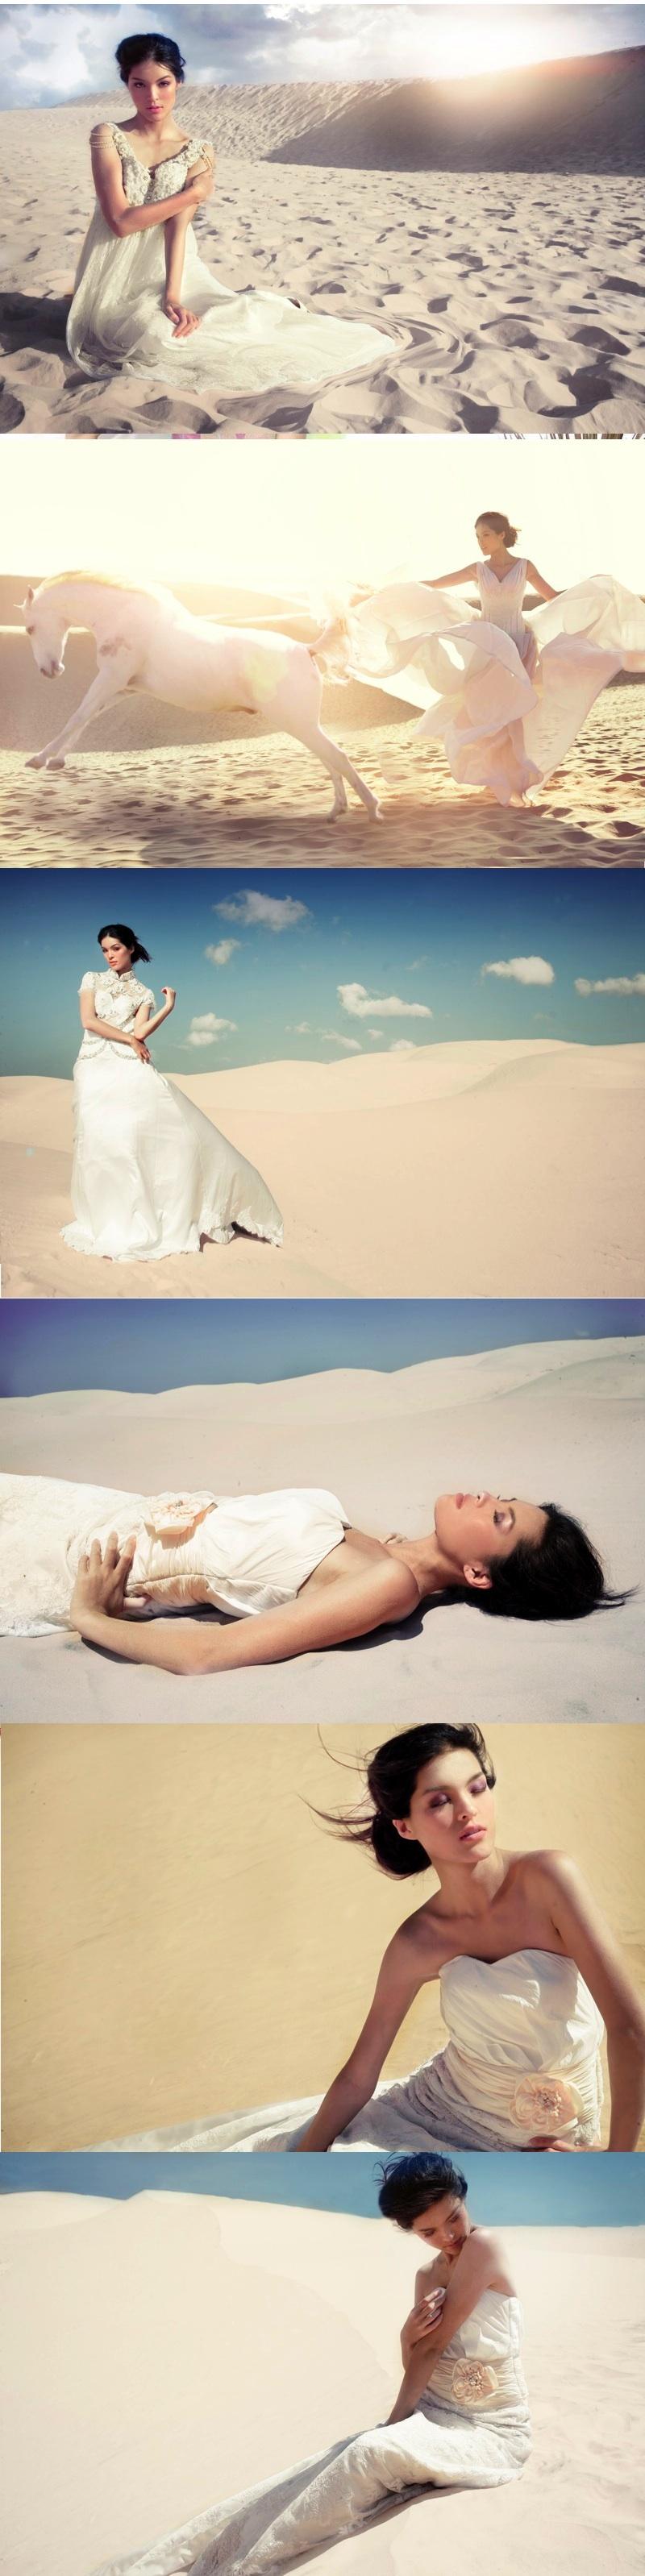 Jul 21, 2010 Belladonna Wedding Magazine (Indonesia)